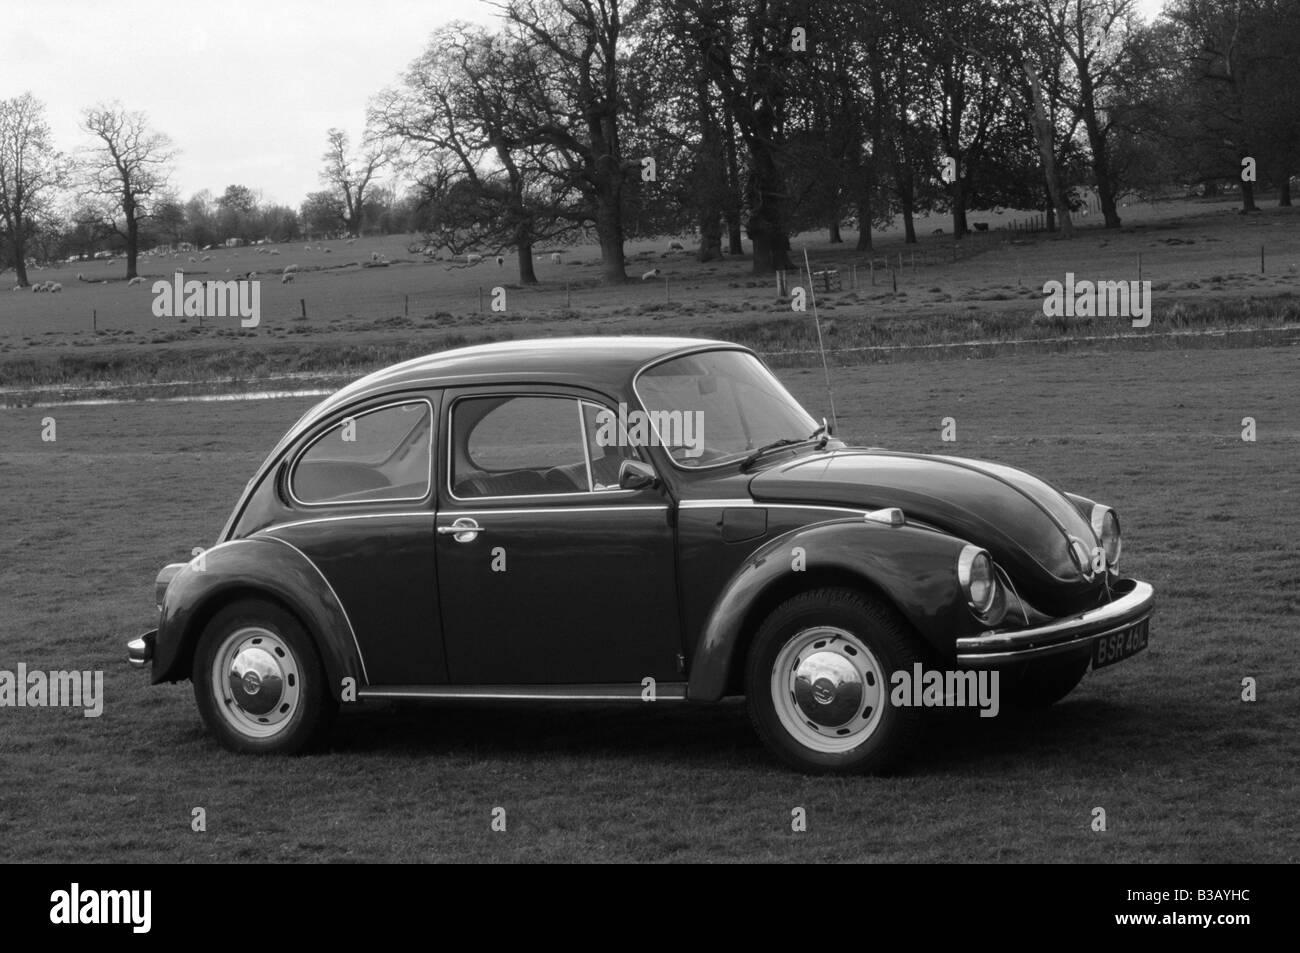 Volkswagen Beetle 1303. - Stock Image